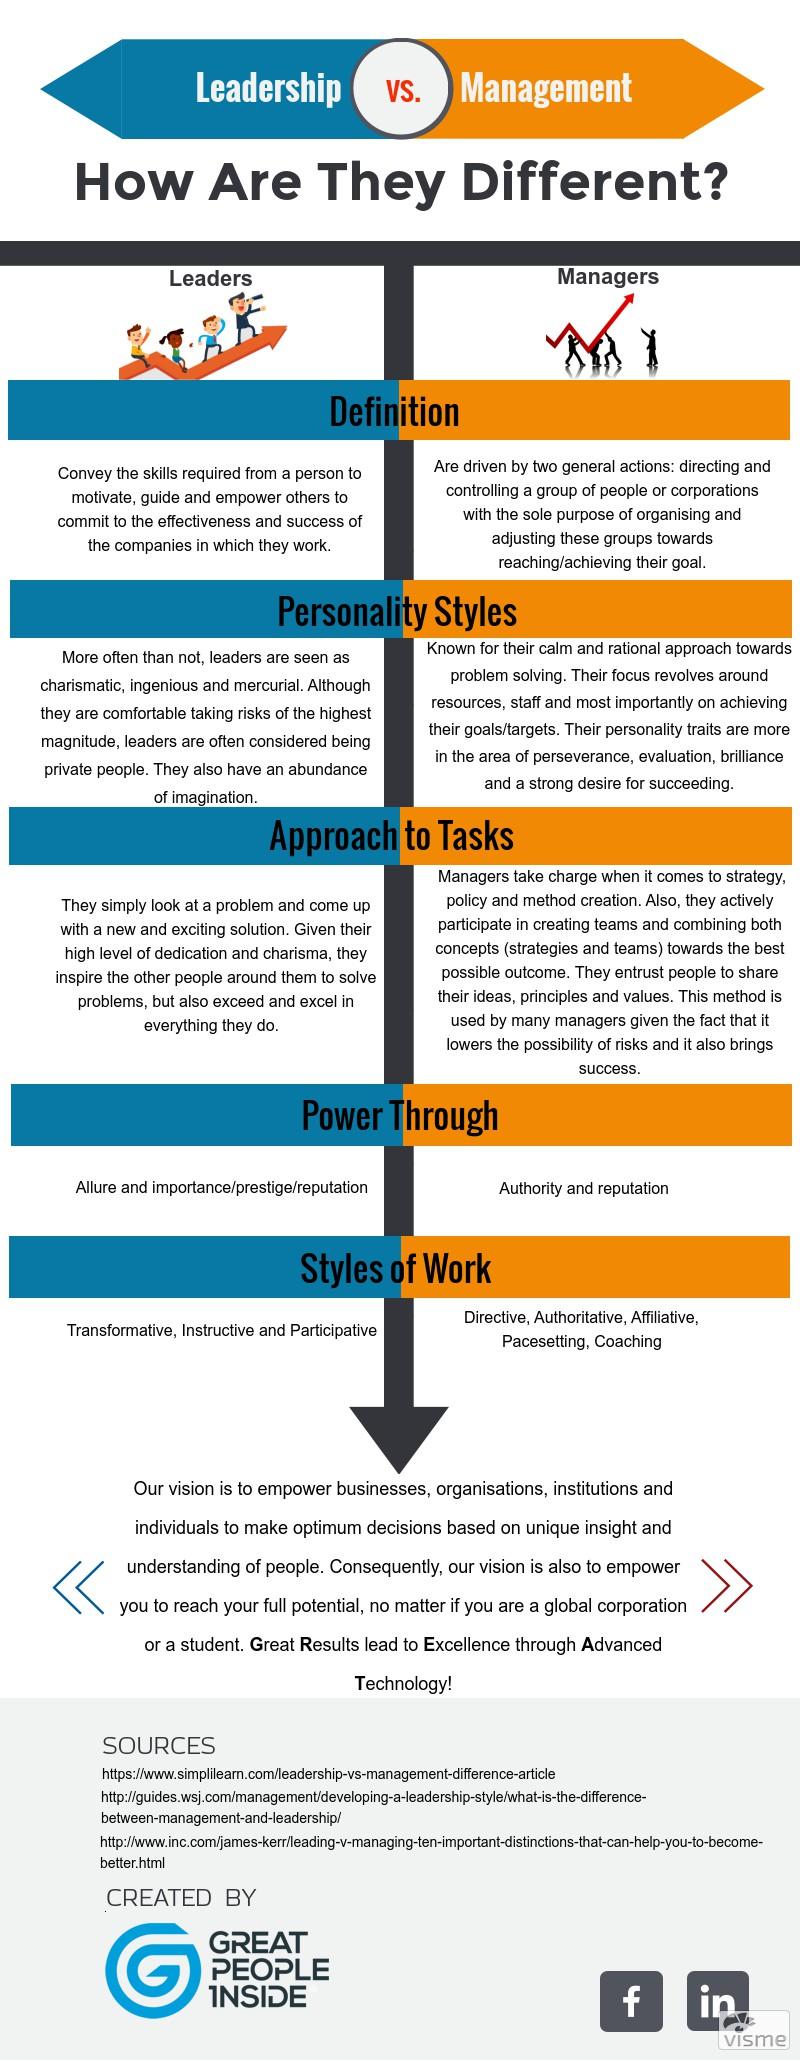 Differencesbetweenleadersandmanagers